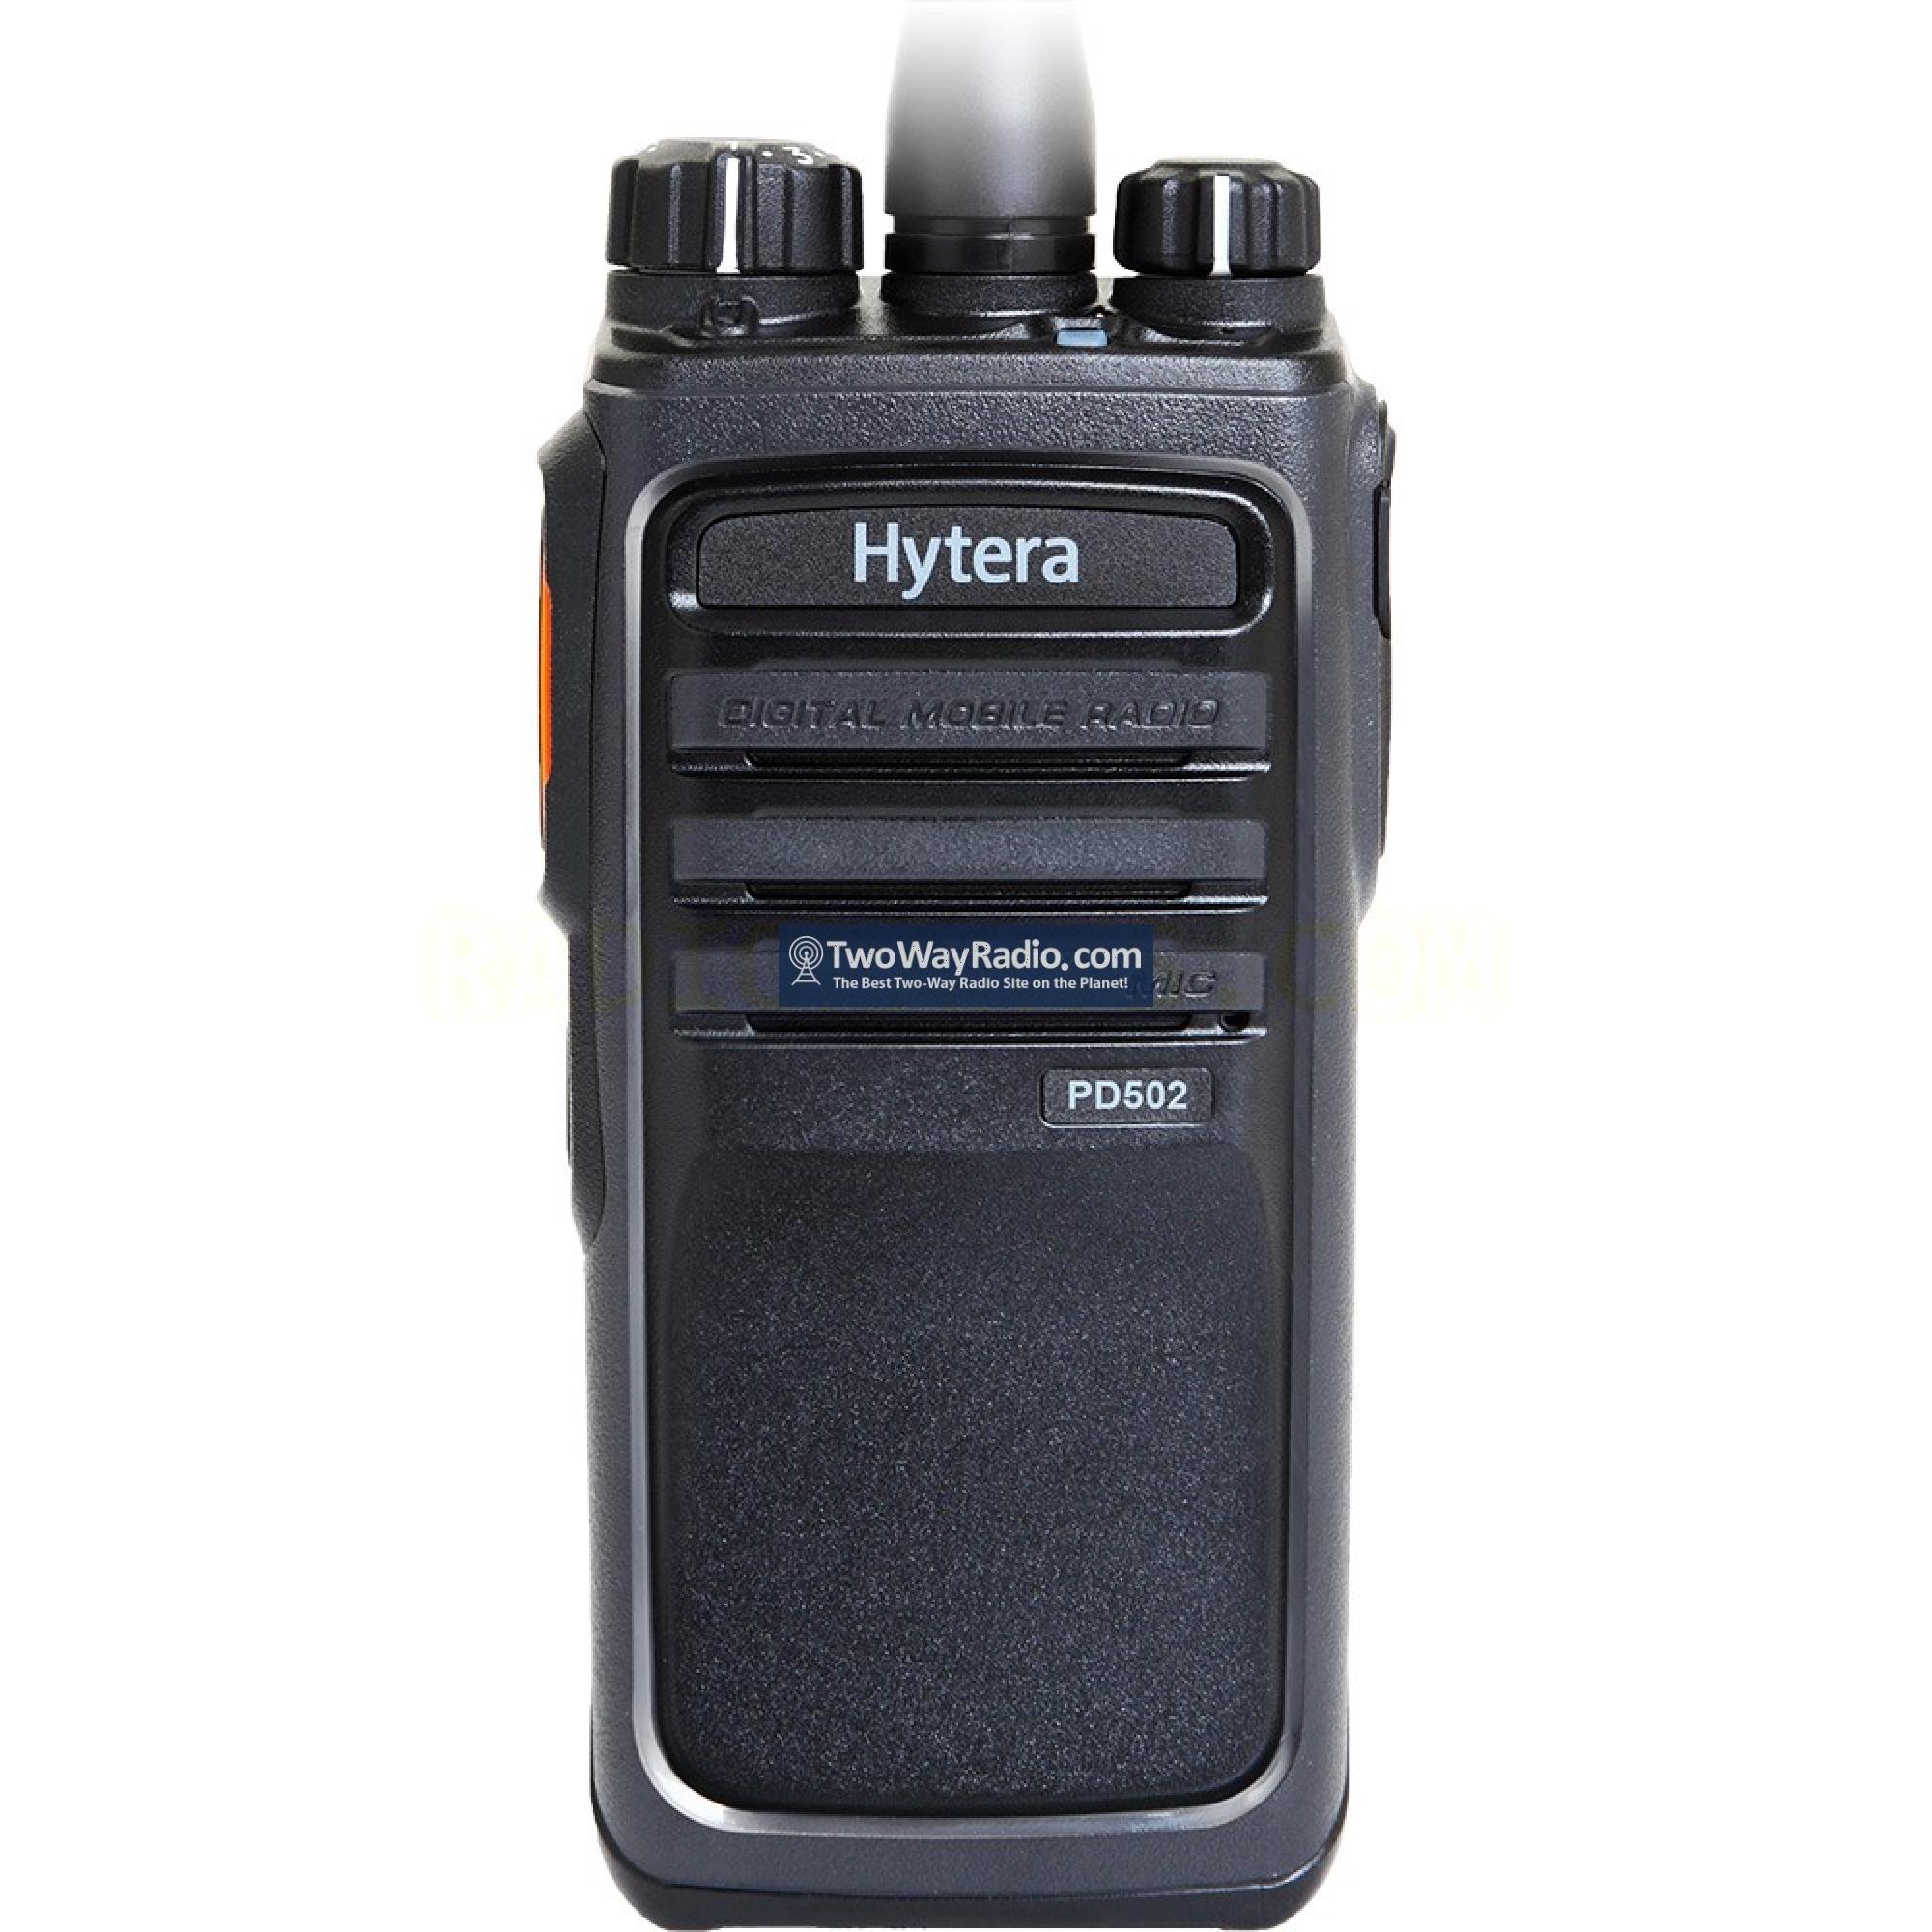 Buy Here | Hytera PD502i V1 Two-Way Radio - 5W, 256C, DMR